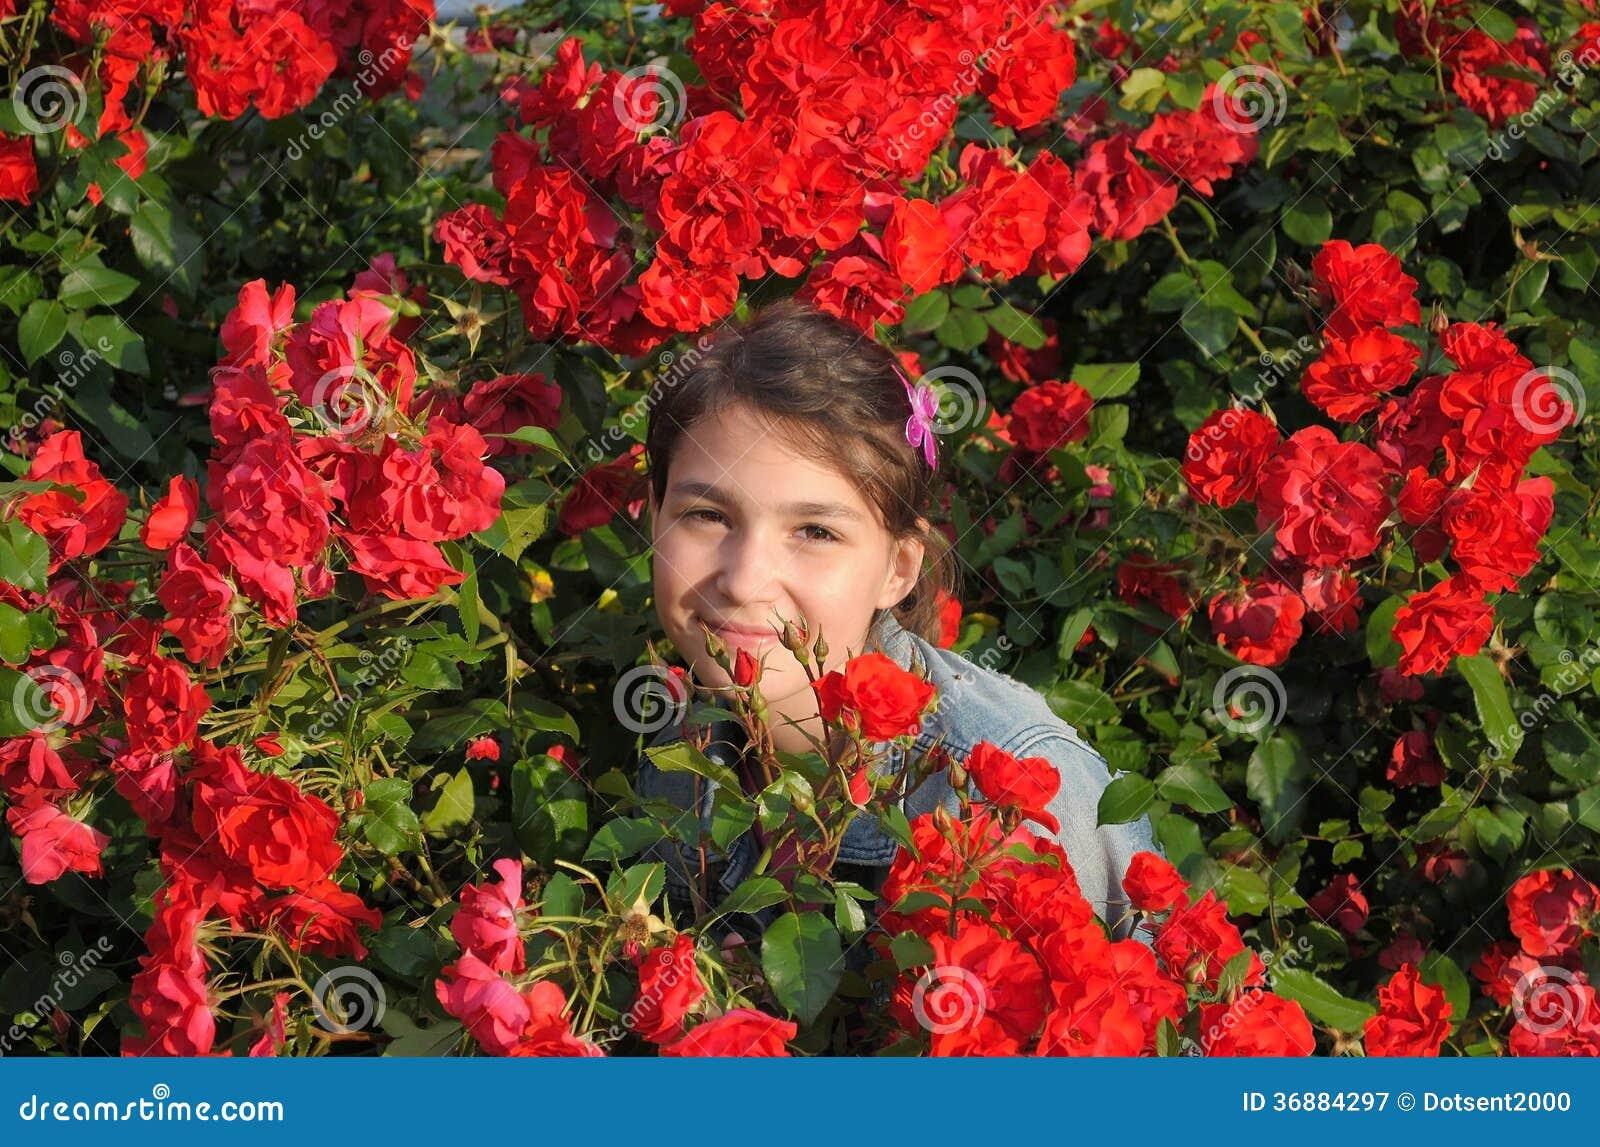 女孩和玫瑰.